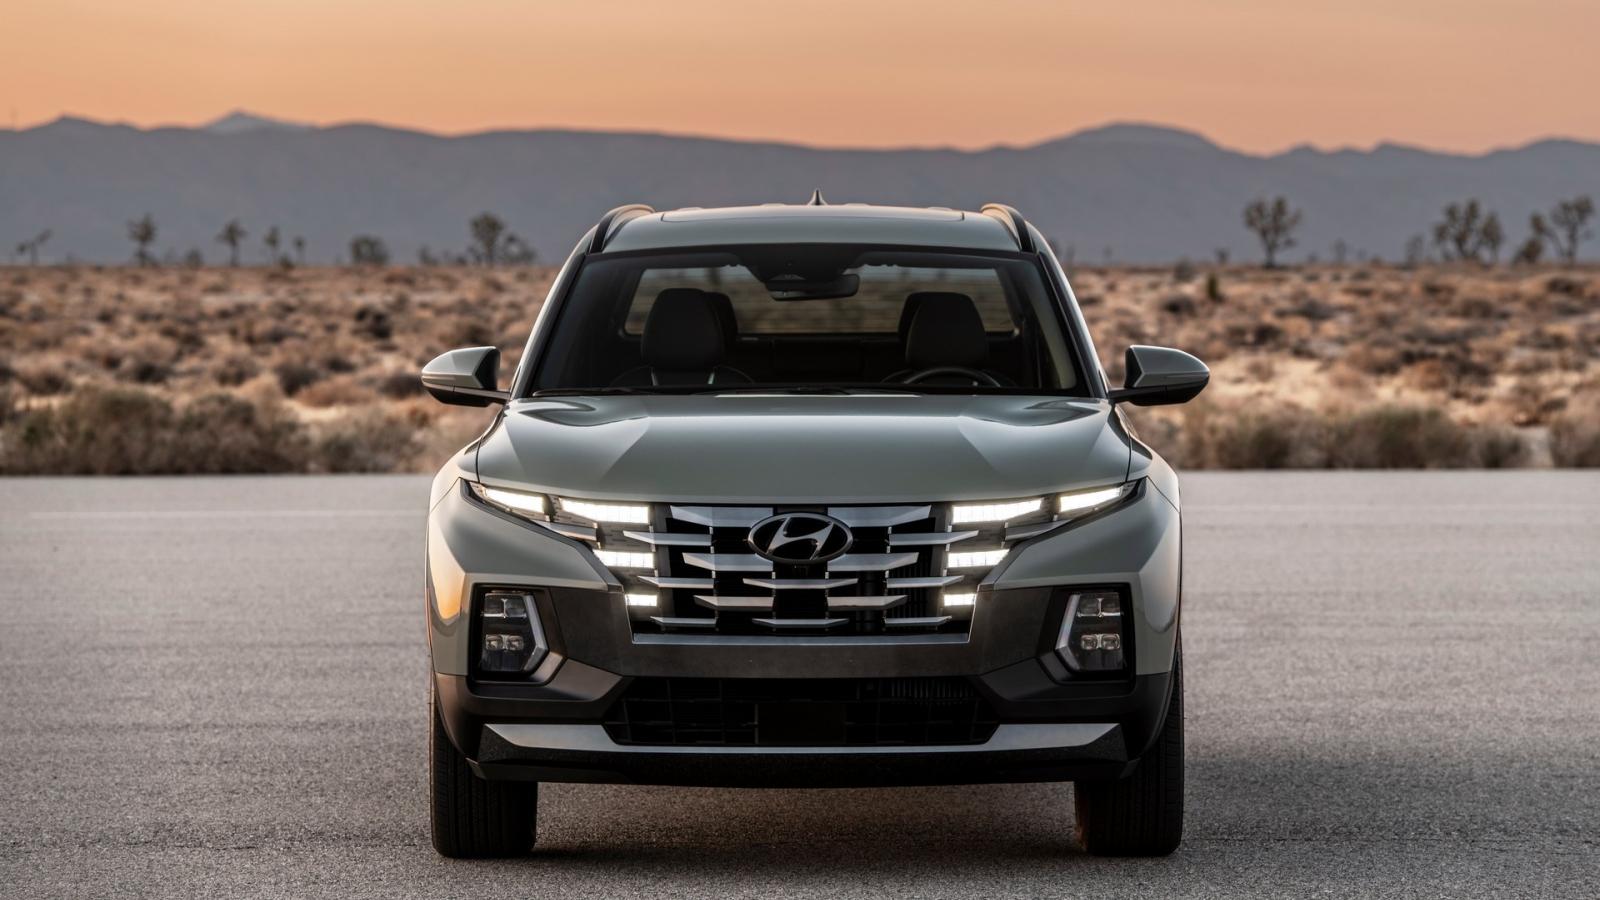 Ảnh chi tiết mẫu bán tải đầu tiên của Hyundai - Santa Cruz